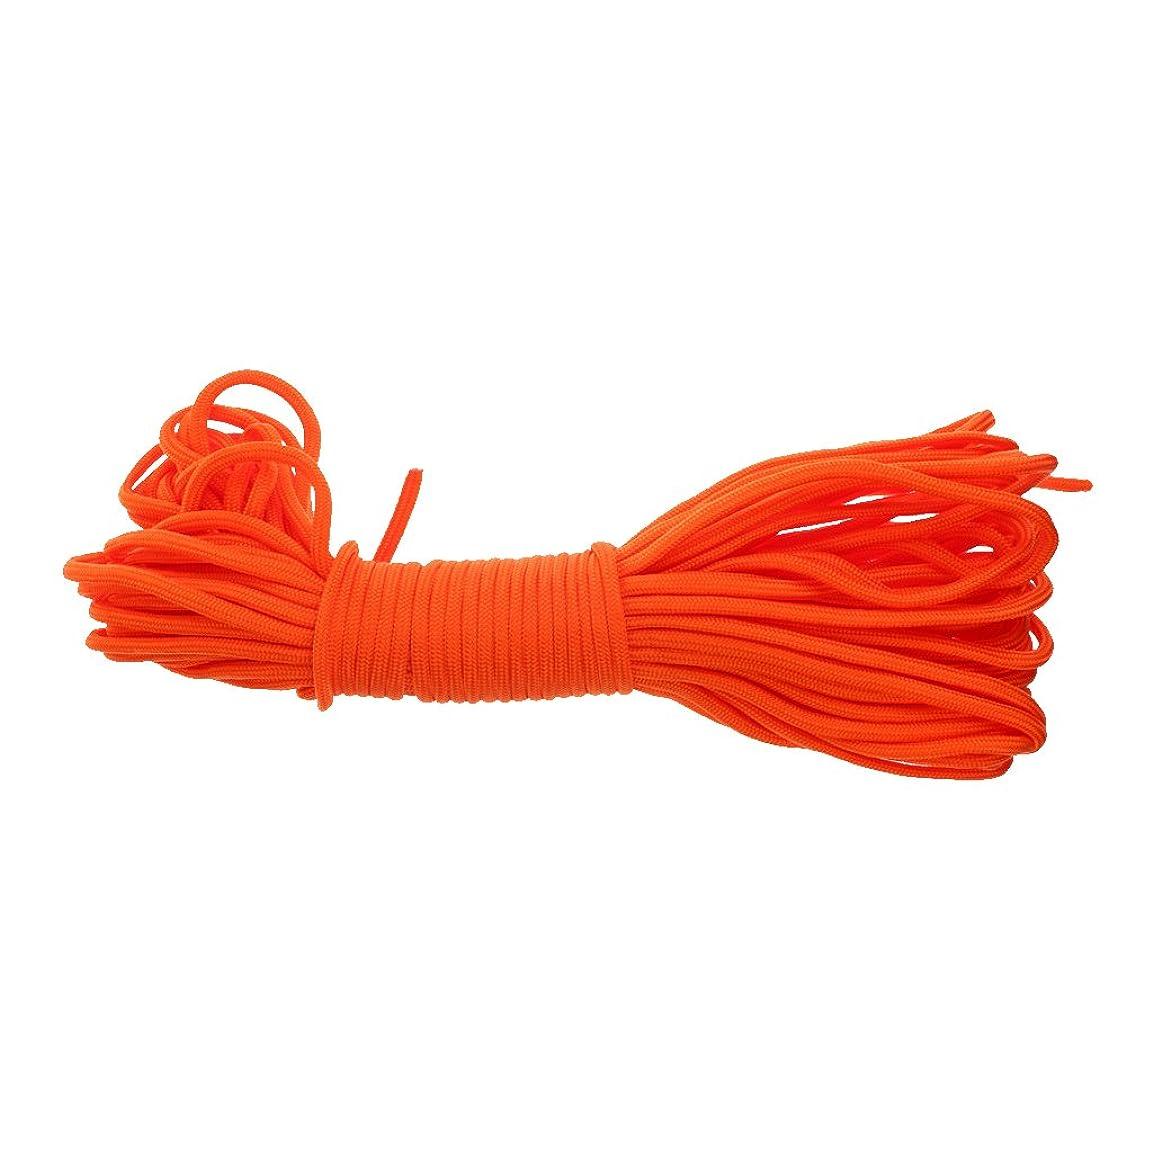 写真撮影相関するホストFlameer マリンスポーツ 水救助 ダイビング フローティング ロープ コード 30m 反射 高視認性 軽量 安全 頑丈